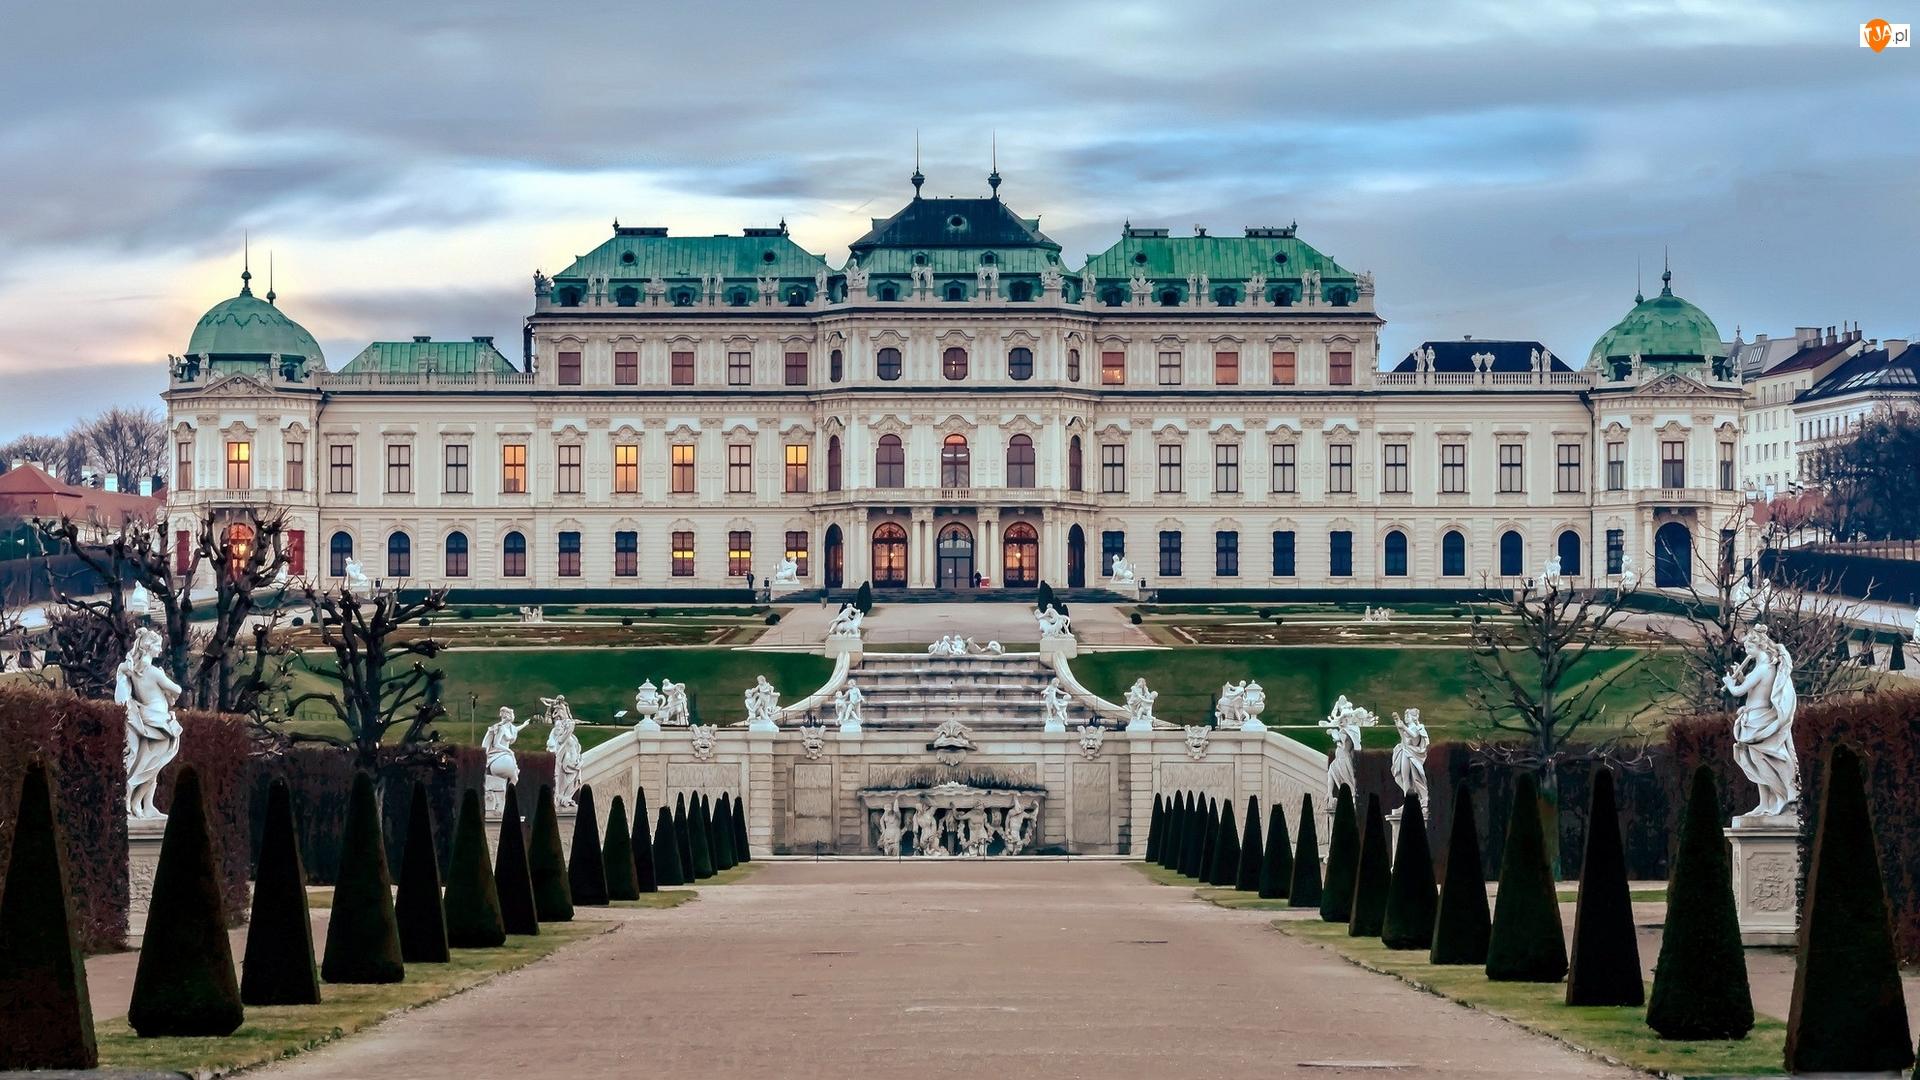 Belweder, Pałac, Park, Austria, Aleja, Wiedeń